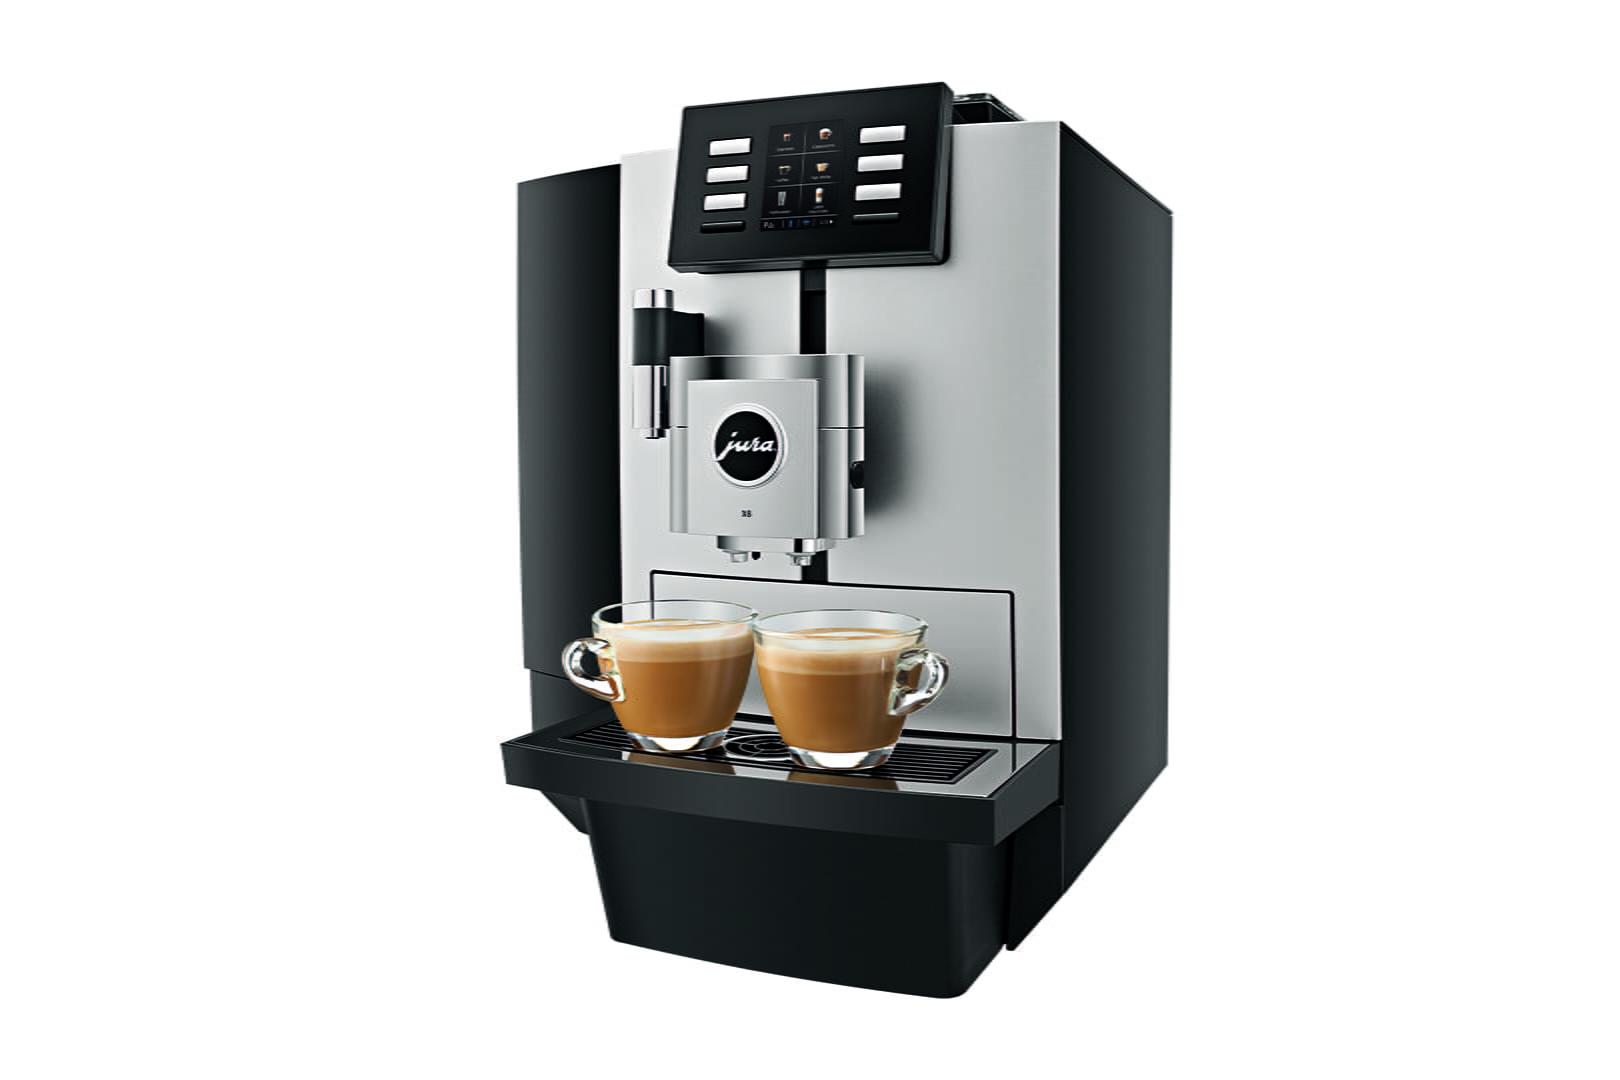 Mini Kühlschrank Für Kaffeeautomaten : Warum kaffeeautomaten im supermarkt meistens quatsch sind